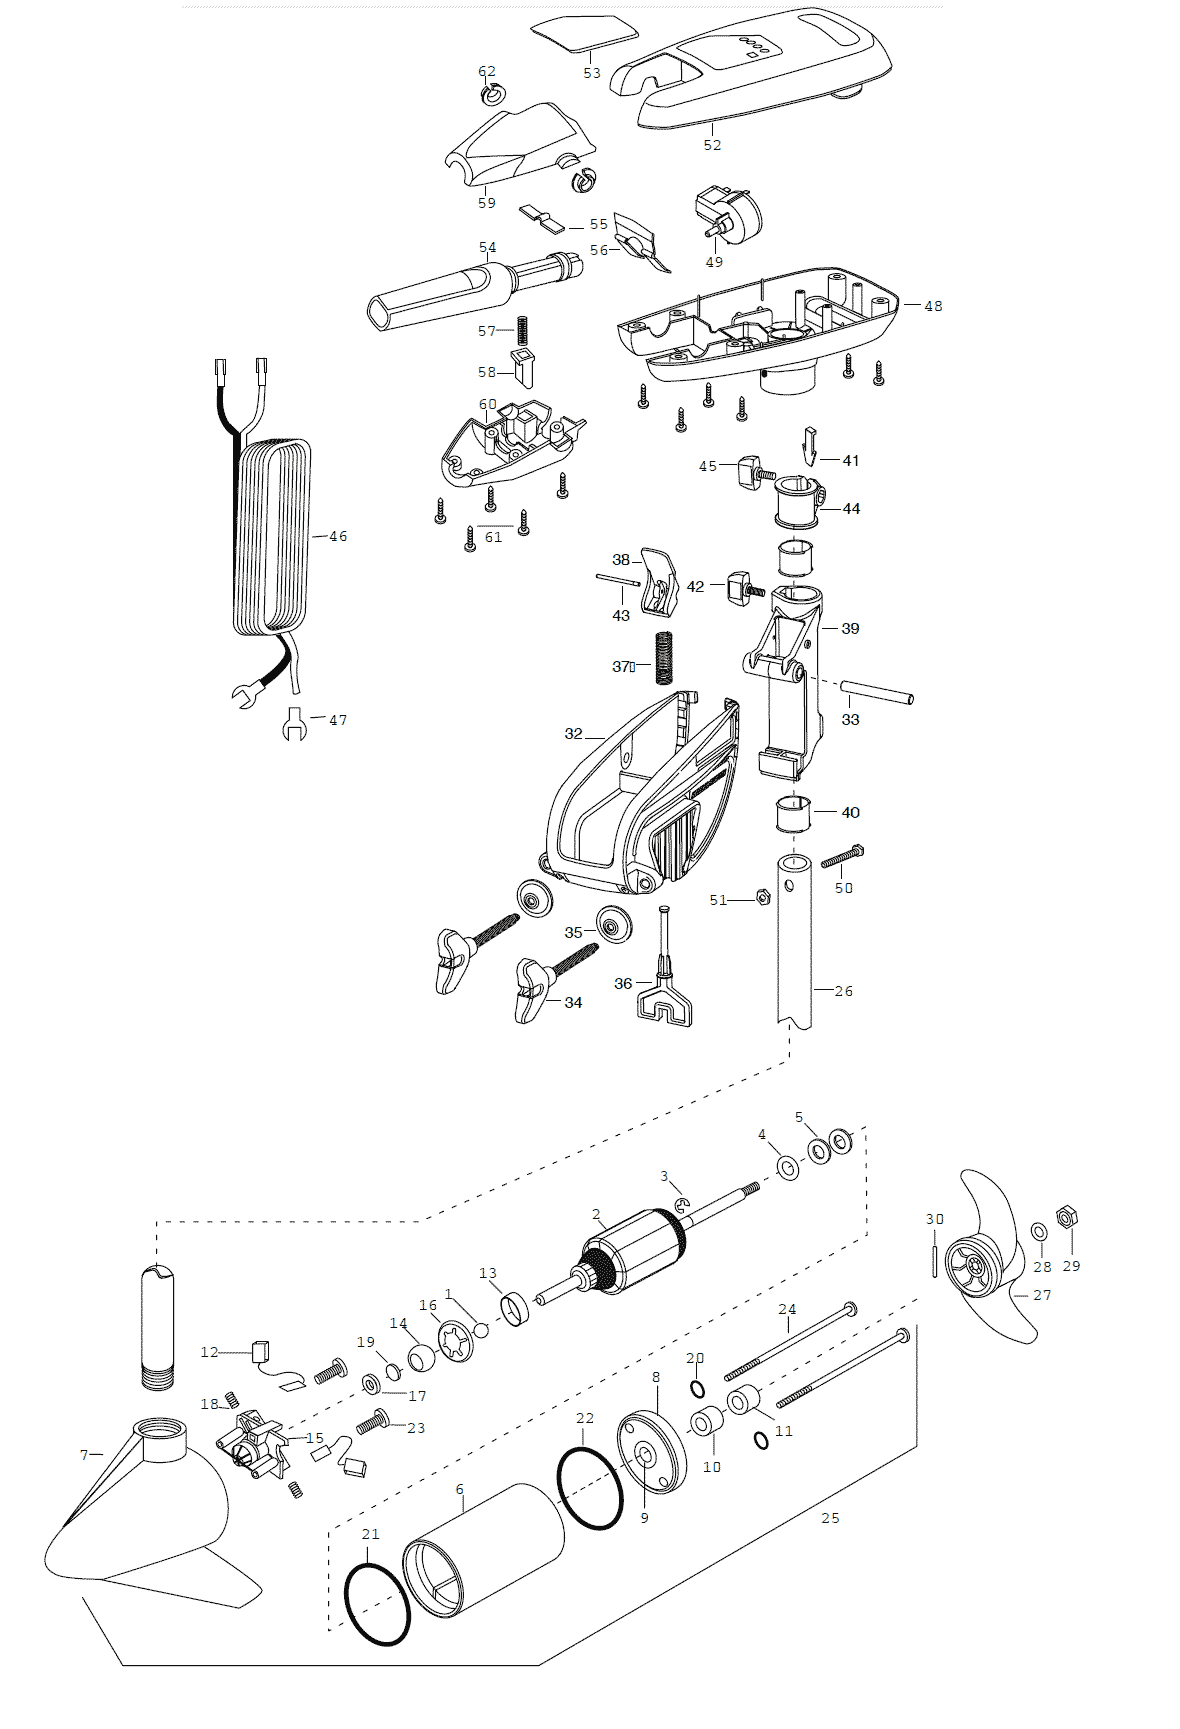 minn kota fortrex 80 parts diagram 12 volt coil wiring turbo 90 2003 from fish307